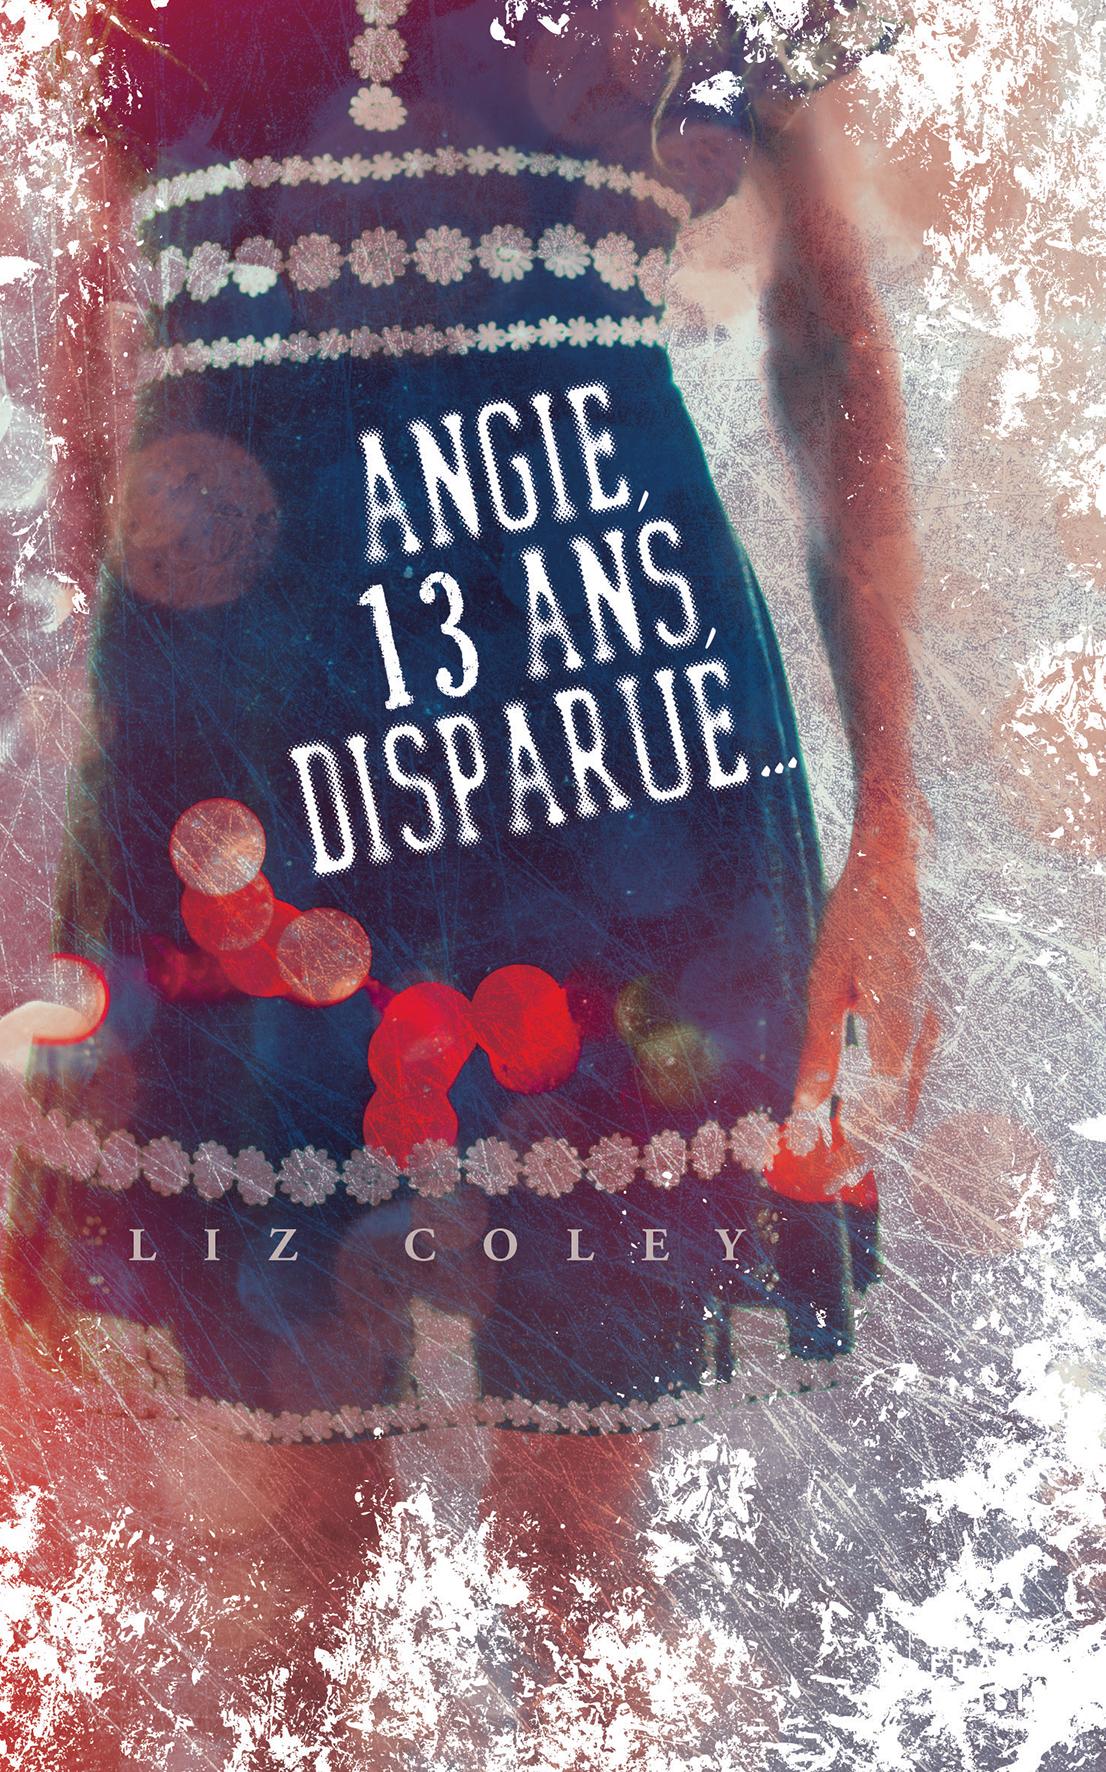 Angie, 13 ans disparue